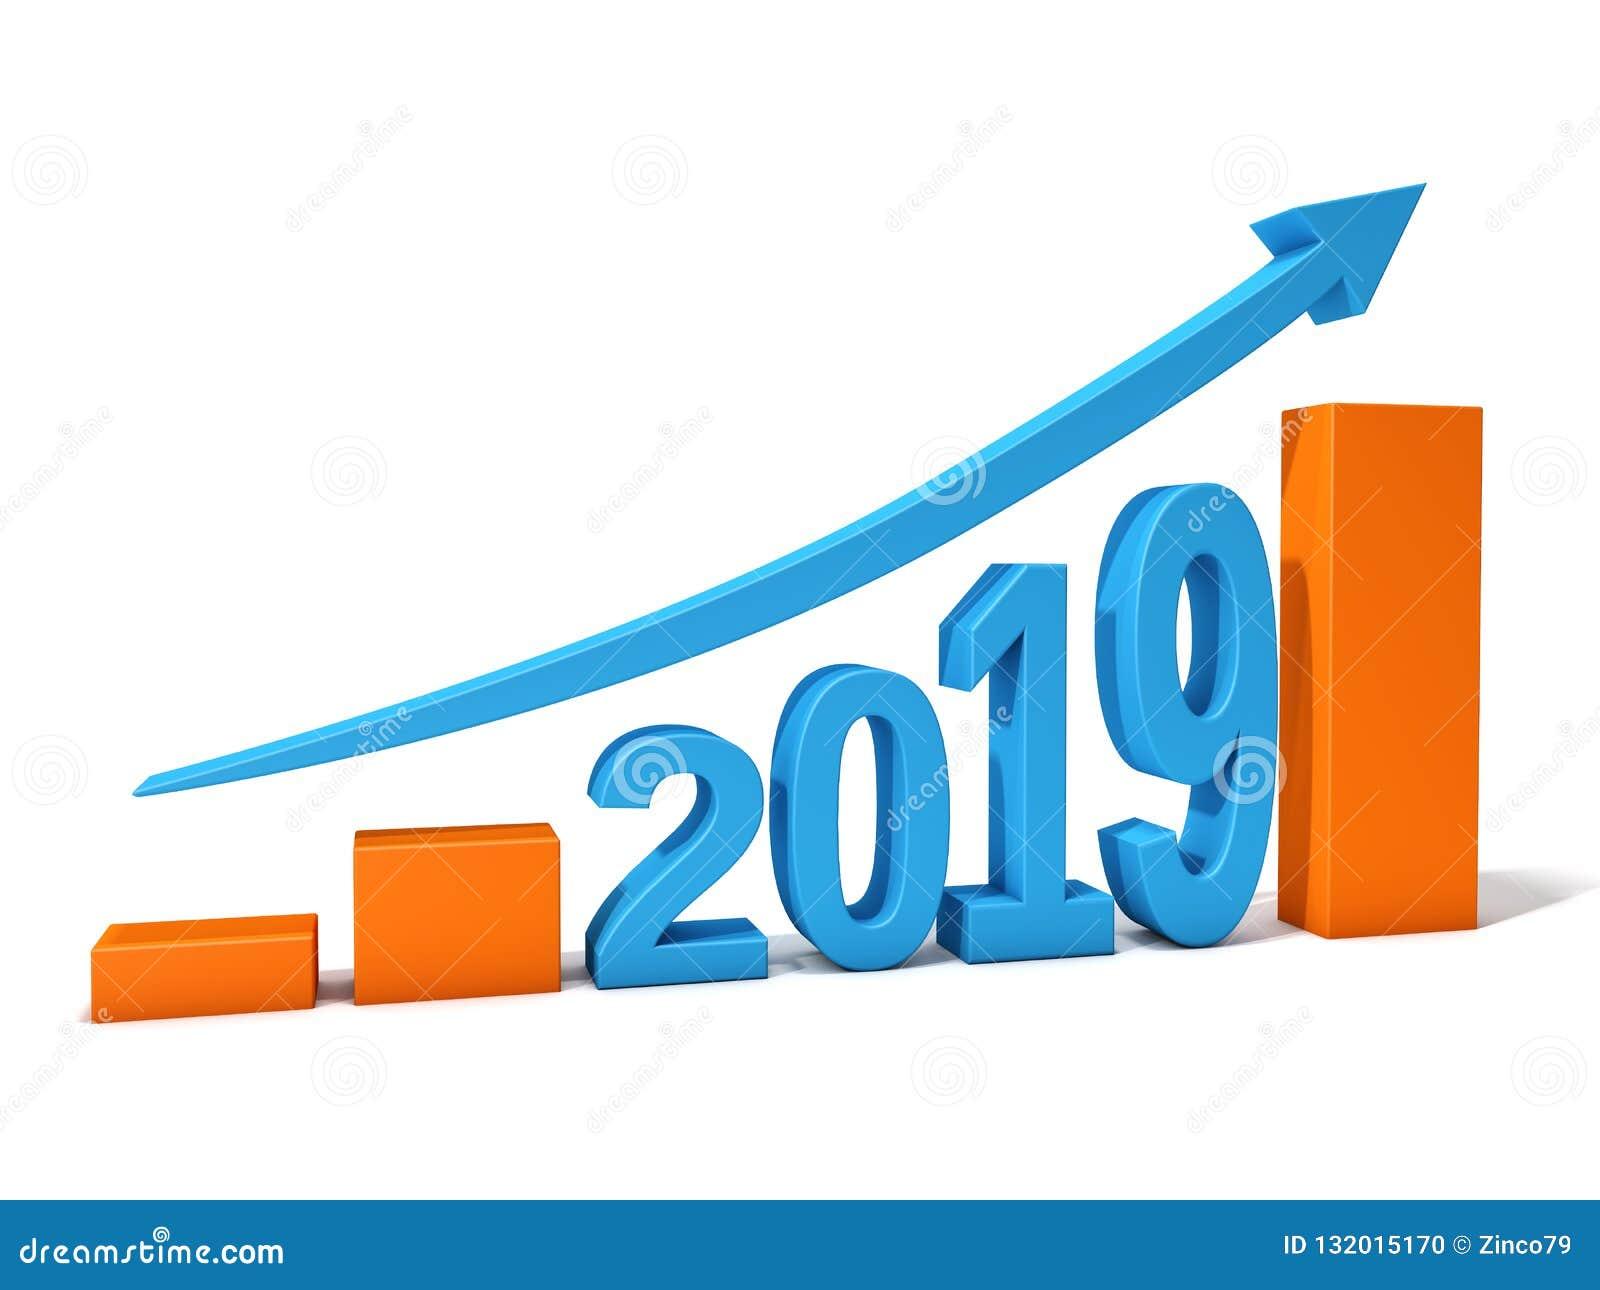 2019张图成长